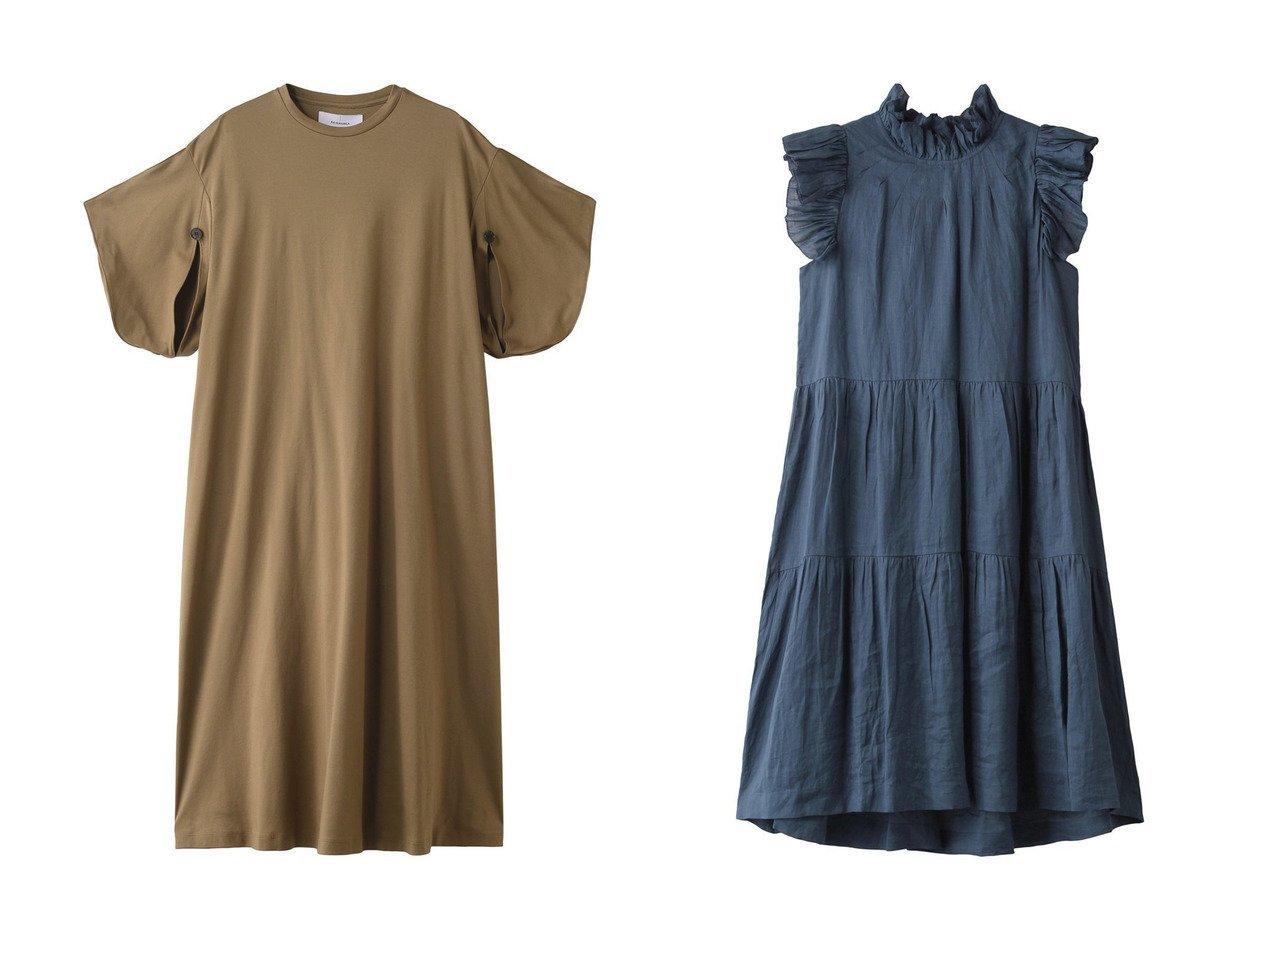 【AKIRANAKA/アキラナカ】のスリットスリーブTドレス&【Sea NEW YORK/シー ニューヨーク】のHattie ラミーティアードチュニックドレス ワンピース・ドレスのおすすめ!人気、トレンド・レディースファッションの通販 おすすめで人気の流行・トレンド、ファッションの通販商品 メンズファッション・キッズファッション・インテリア・家具・レディースファッション・服の通販 founy(ファニー) https://founy.com/ ファッション Fashion レディースファッション WOMEN ワンピース Dress ドレス Party Dresses チュニック Tunic 帽子 Hats 2021年 2021 2021 春夏 S/S SS Spring/Summer 2021 S/S 春夏 SS Spring/Summer カッティング スリット スリーブ ドレス ロング 春 Spring |ID:crp329100000013081